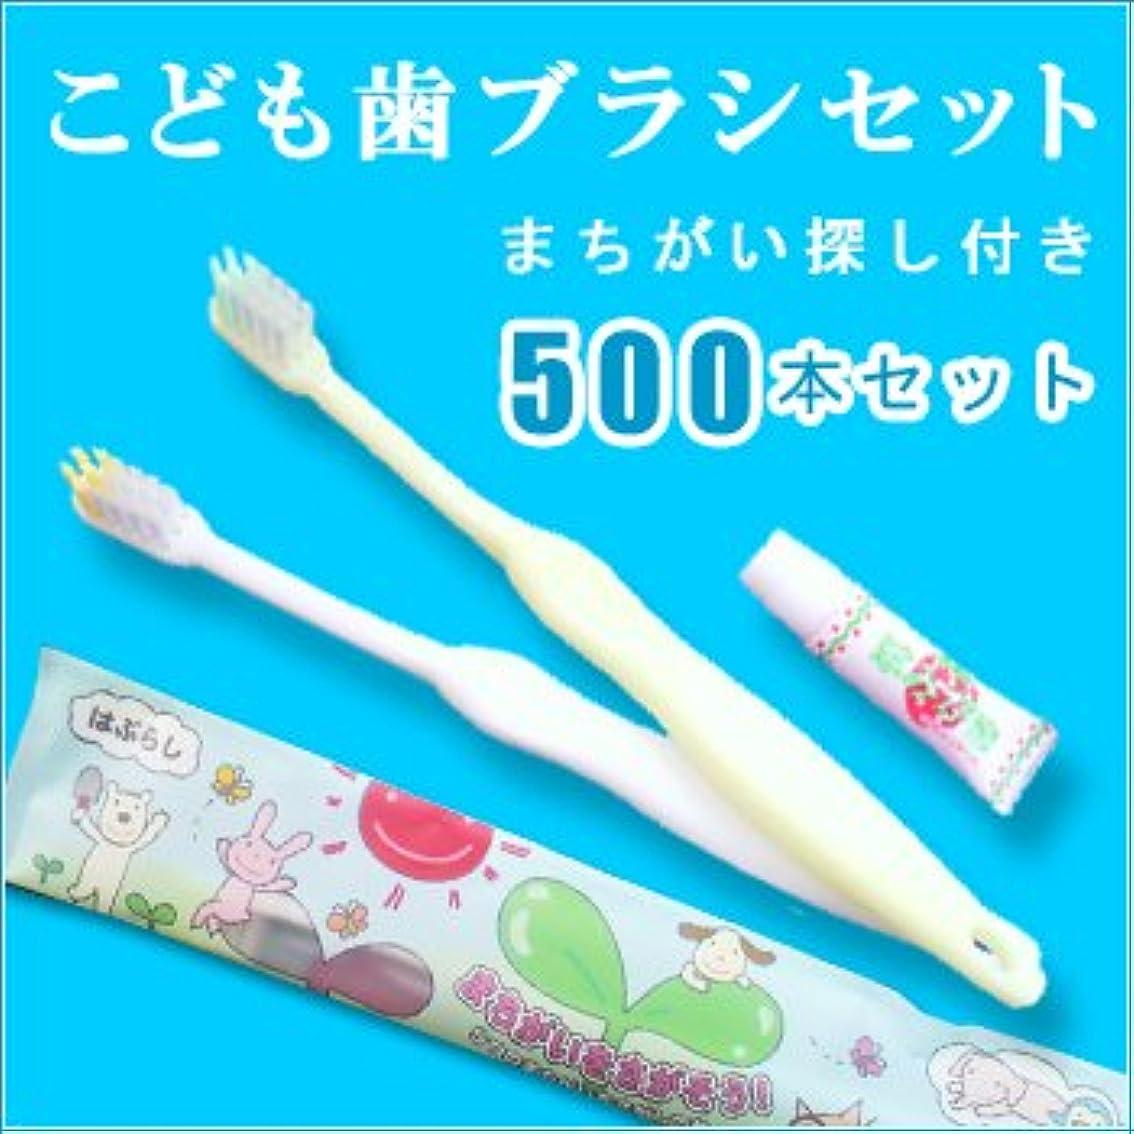 追加するメロドラマティック争うこども用歯ブラシ いちご味の歯磨き粉 3gチューブ付 ホワイト?イエロー2色アソート(1セット500本)1本当たり34円